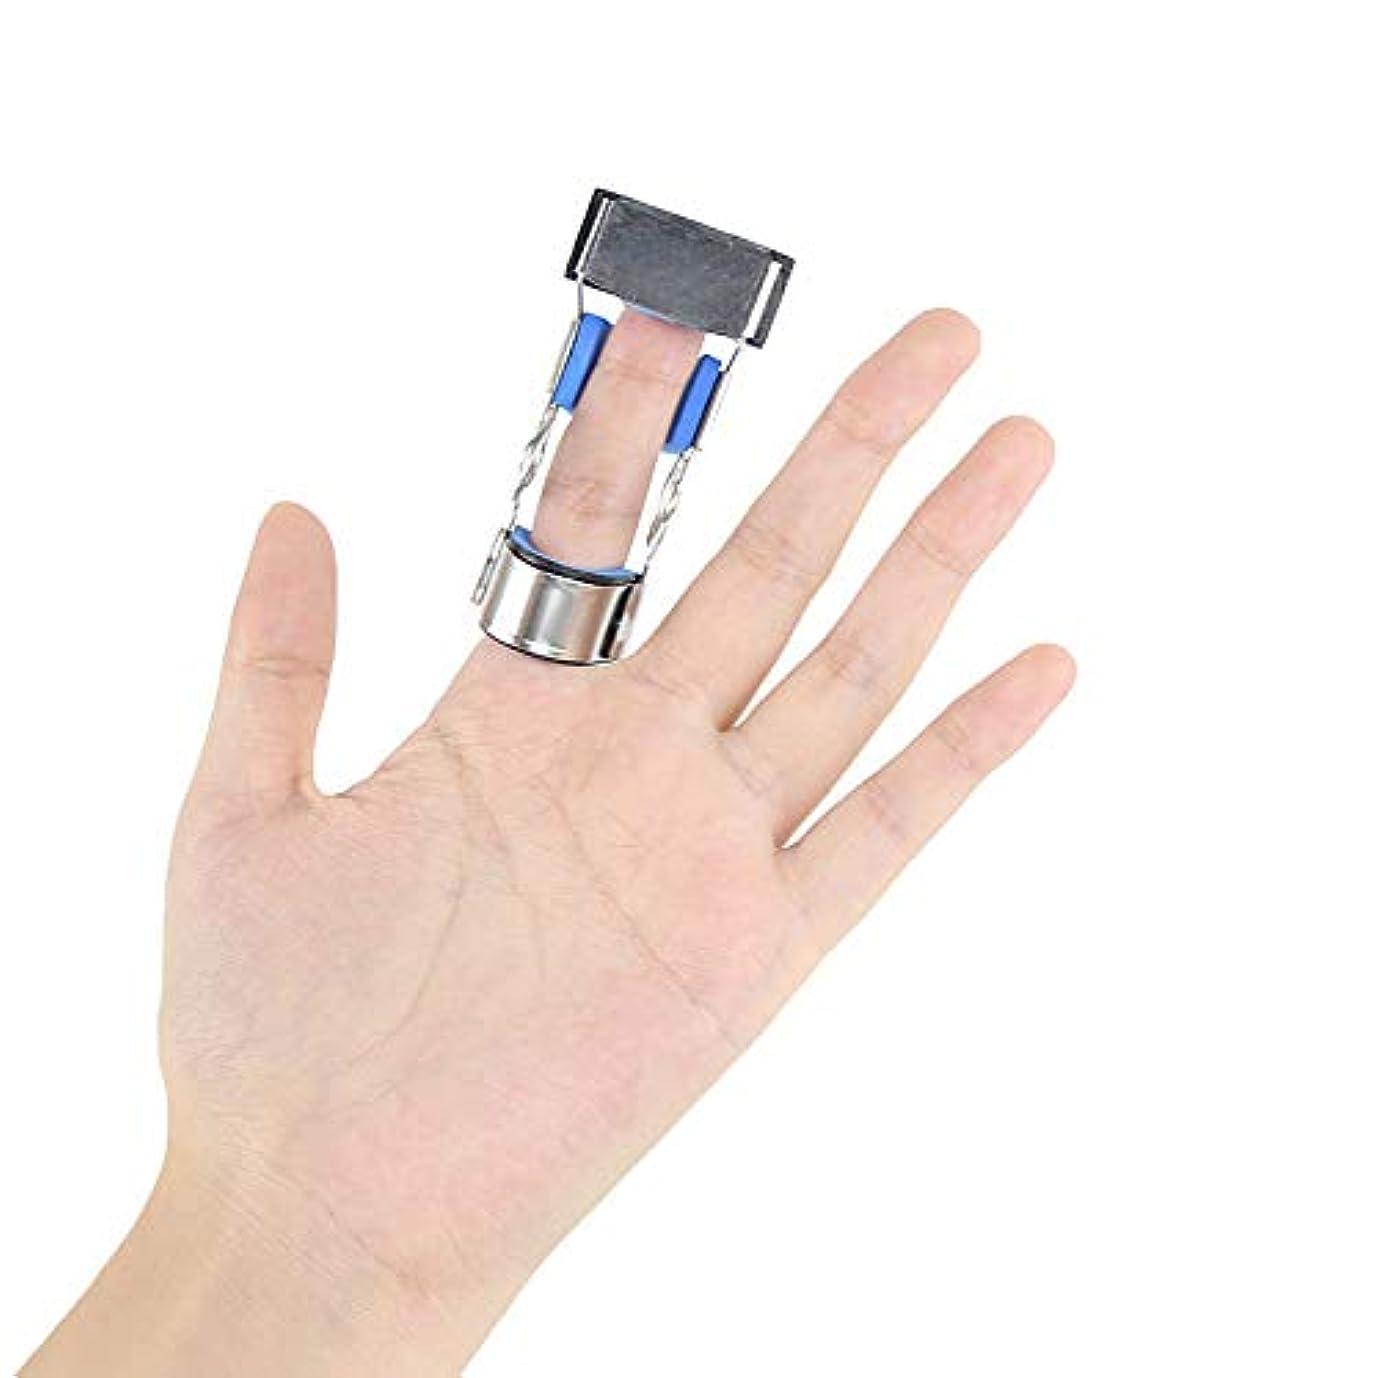 自分登場打たれたトラック指関節装具けいれん装具骨折固定スプリント痛風関節矯正運動指ラップ矯正湾曲,L